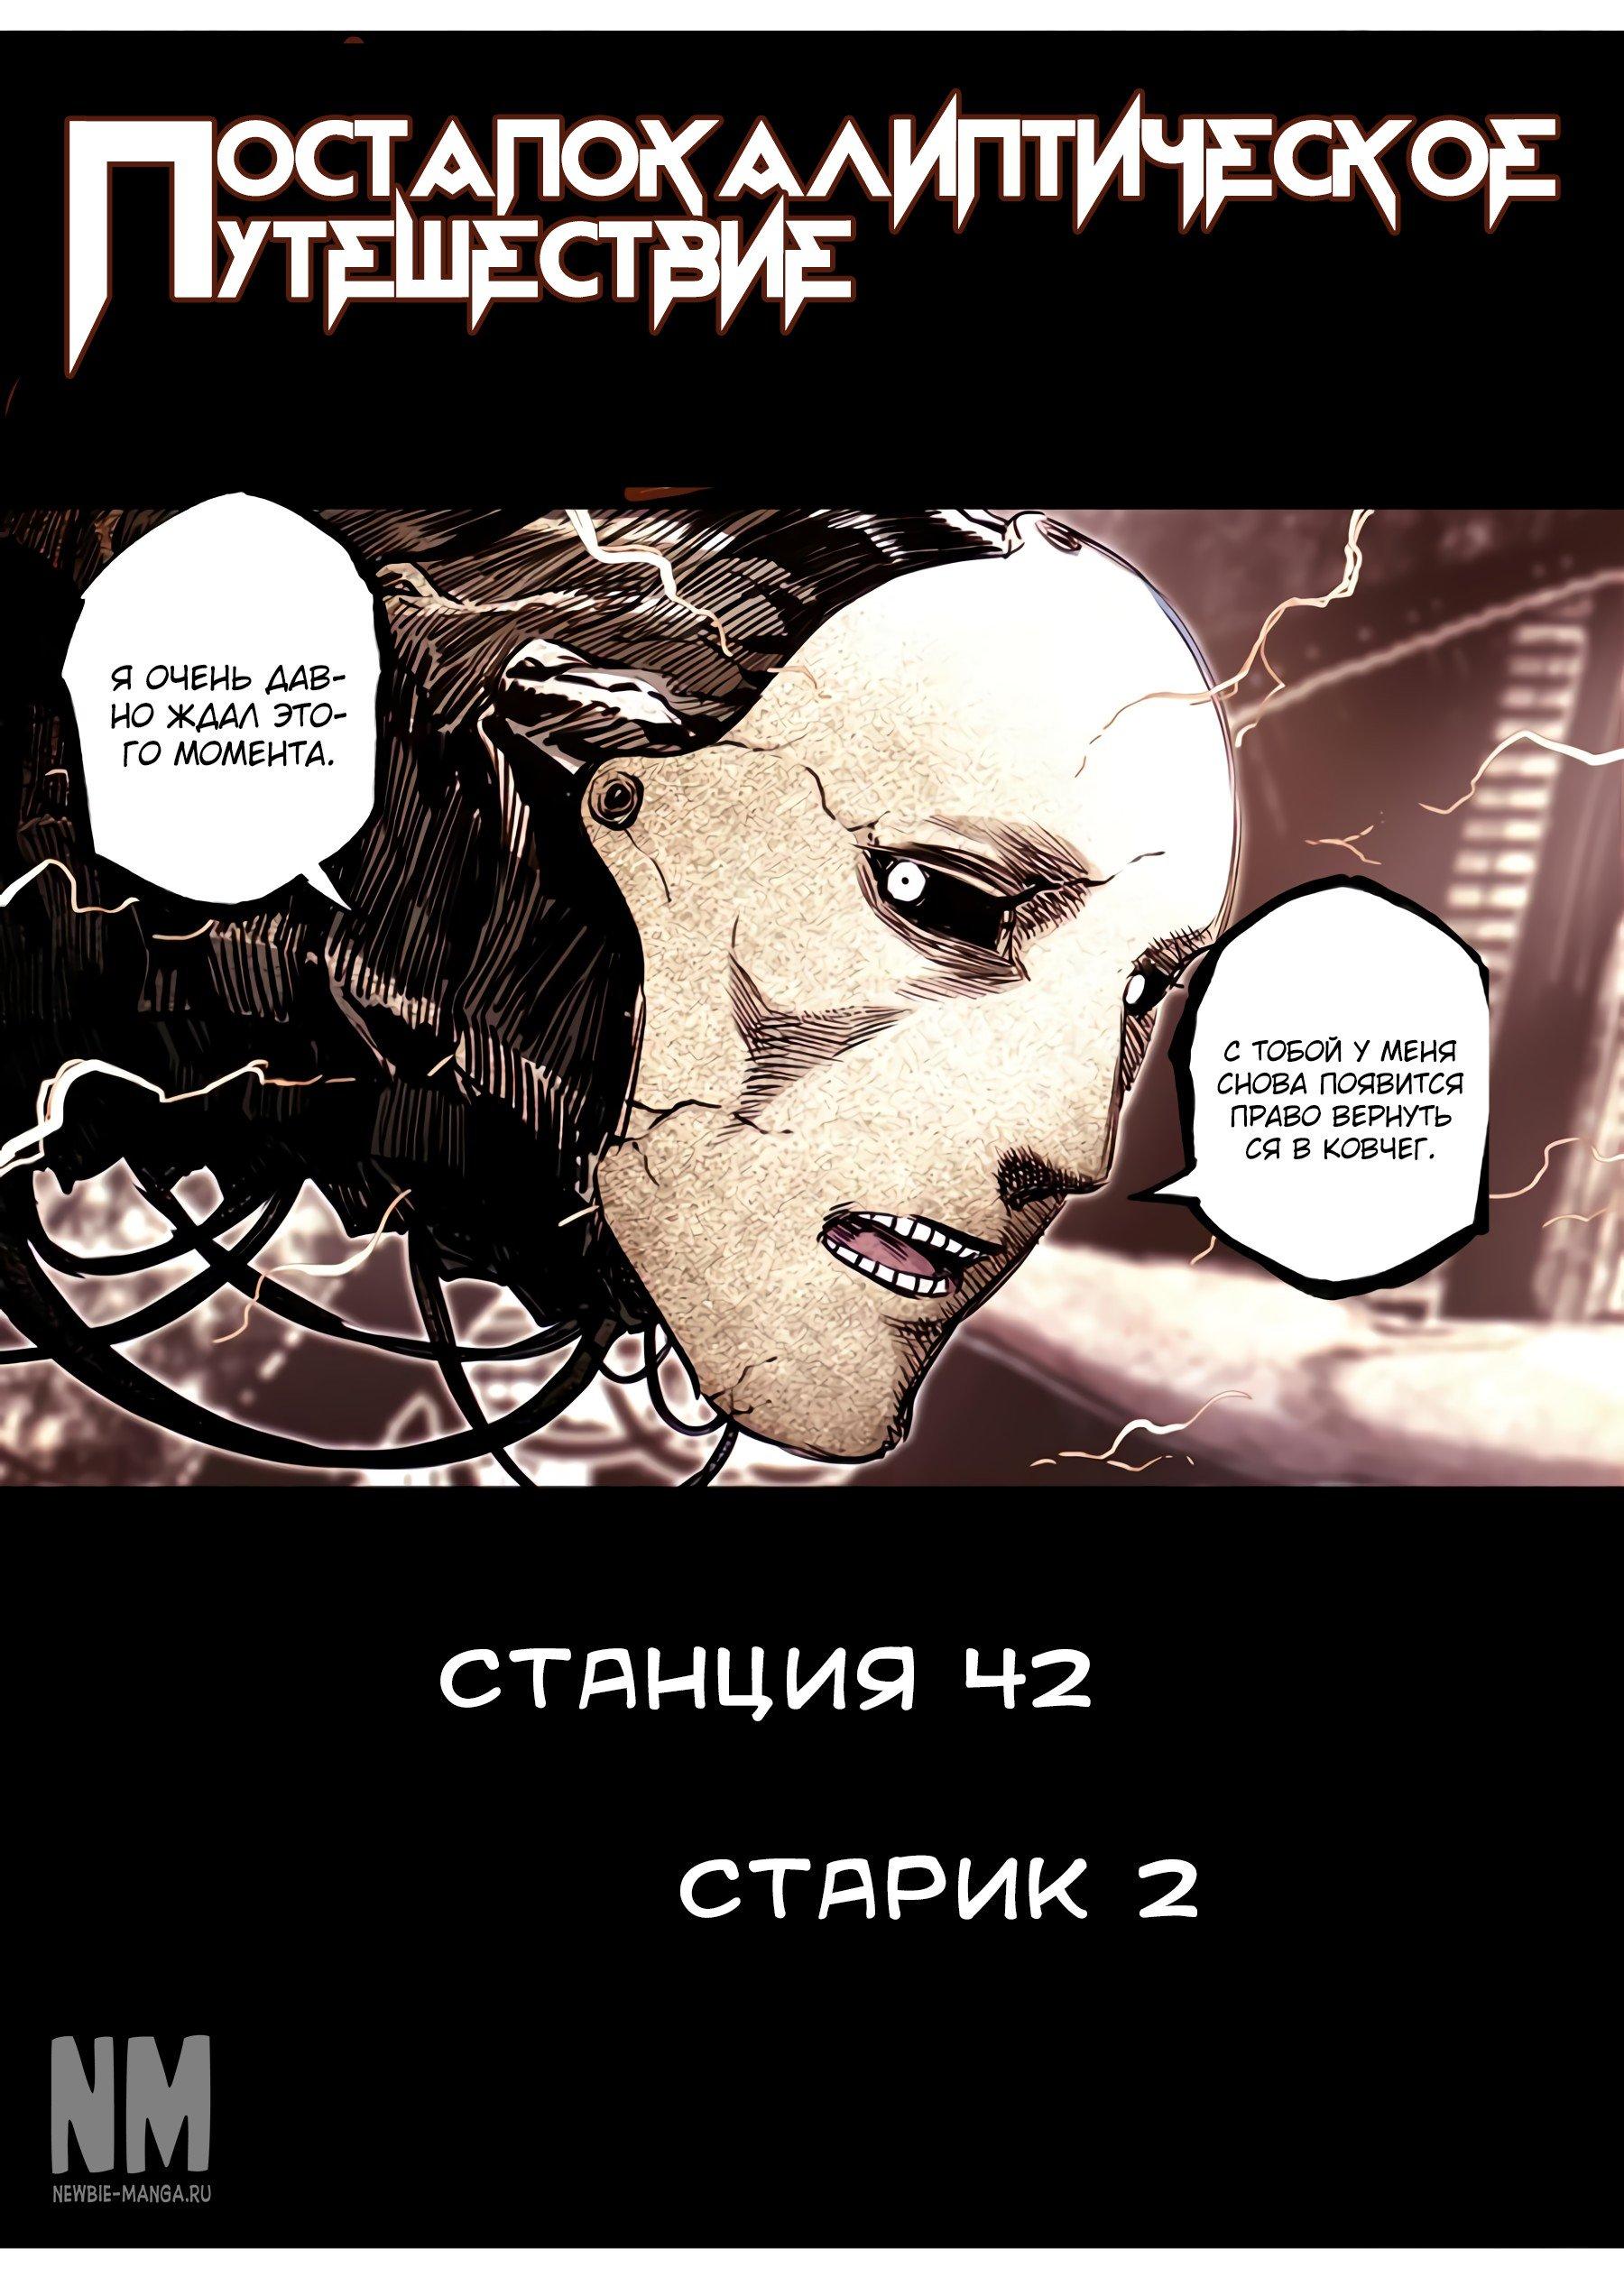 Манга Постапокалиптические Путешествие - Глава 42 Страница 1